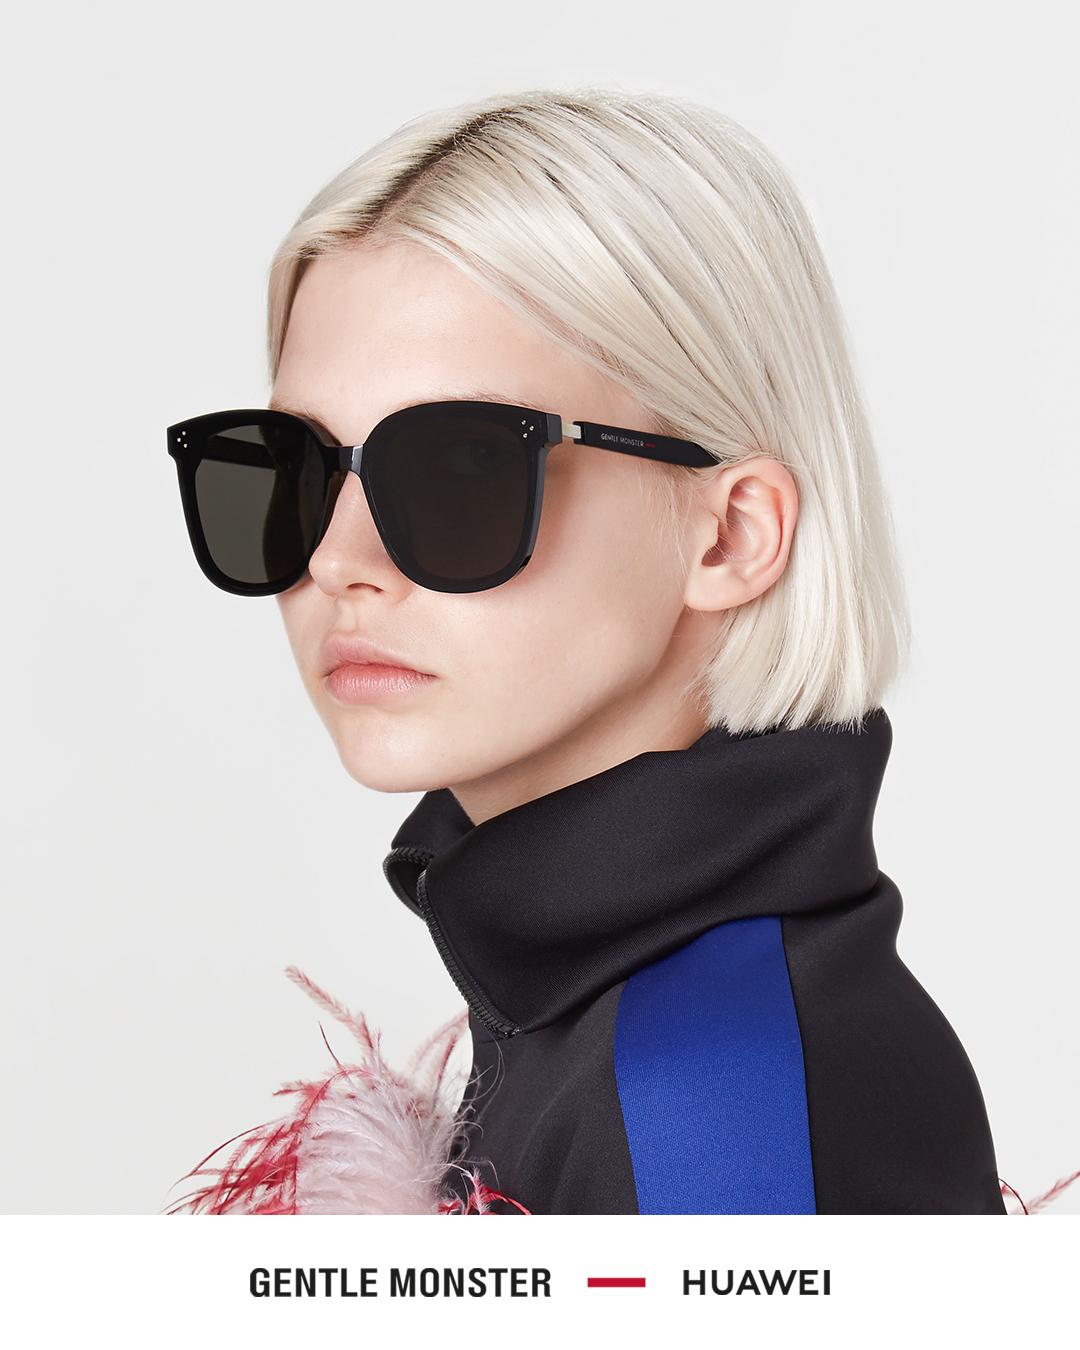 Gentle Monster Eyewear for Huawei Smart Life